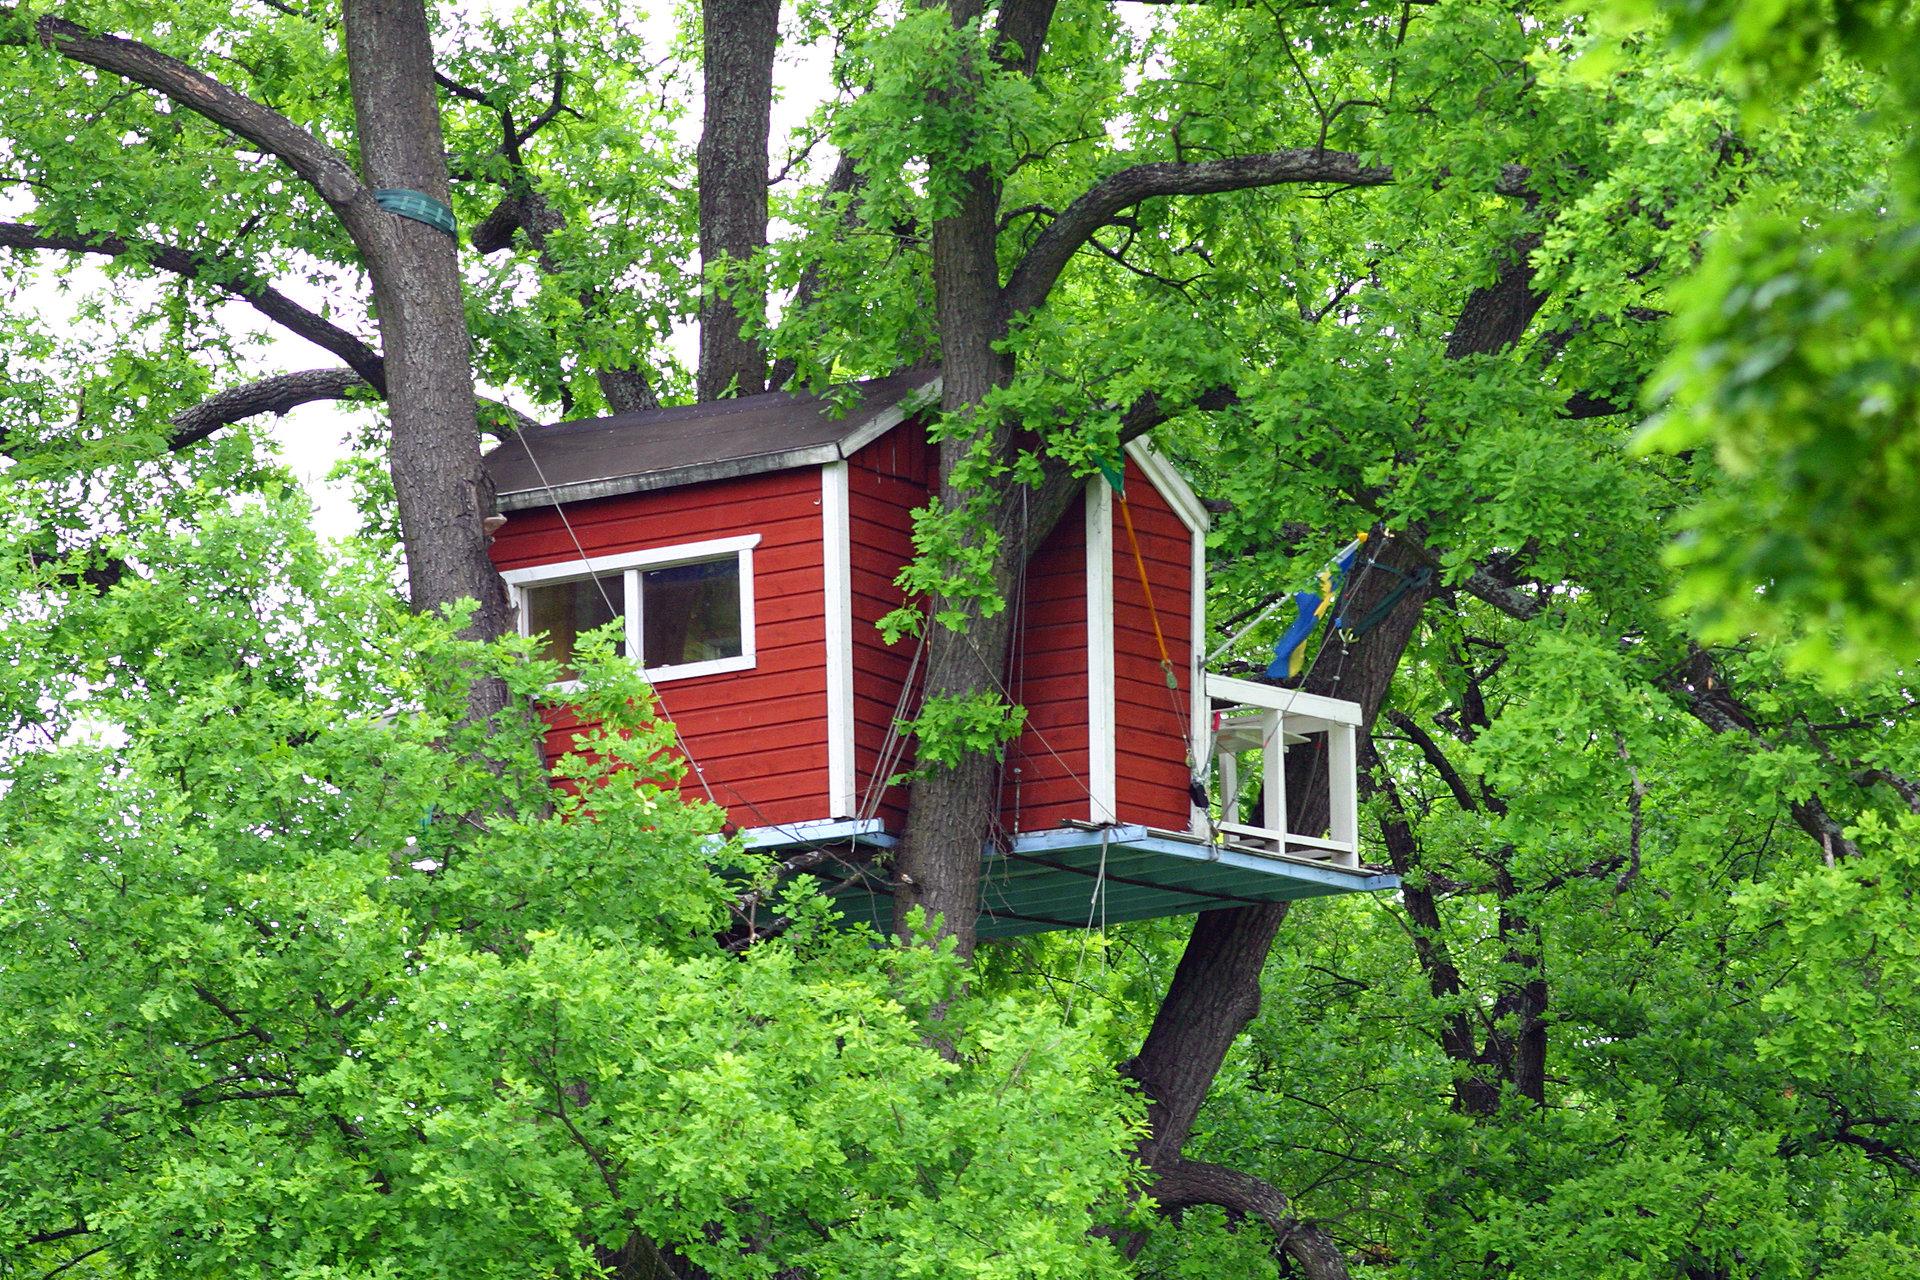 Ett litet rött hus i ett träd, Hotell Hackspett, i Vasaparken. Fotograf: Clifford Shirley